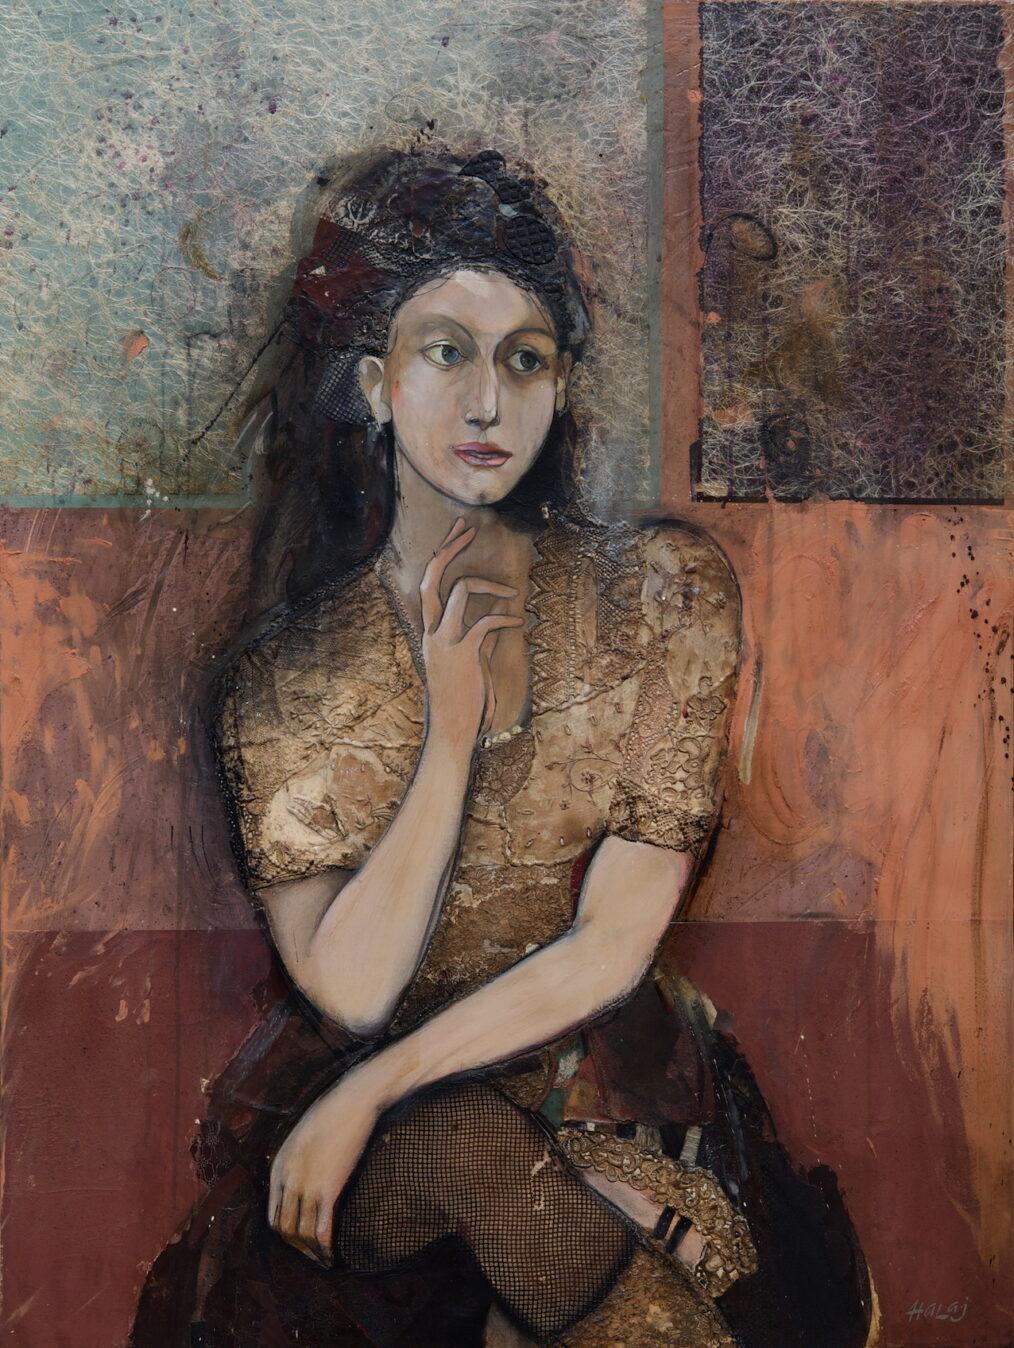 """""""She"""" 2014, Oil, emulsion, paper, mixed media on linen, 48x36 in. (121.9x91.4 cm)."""